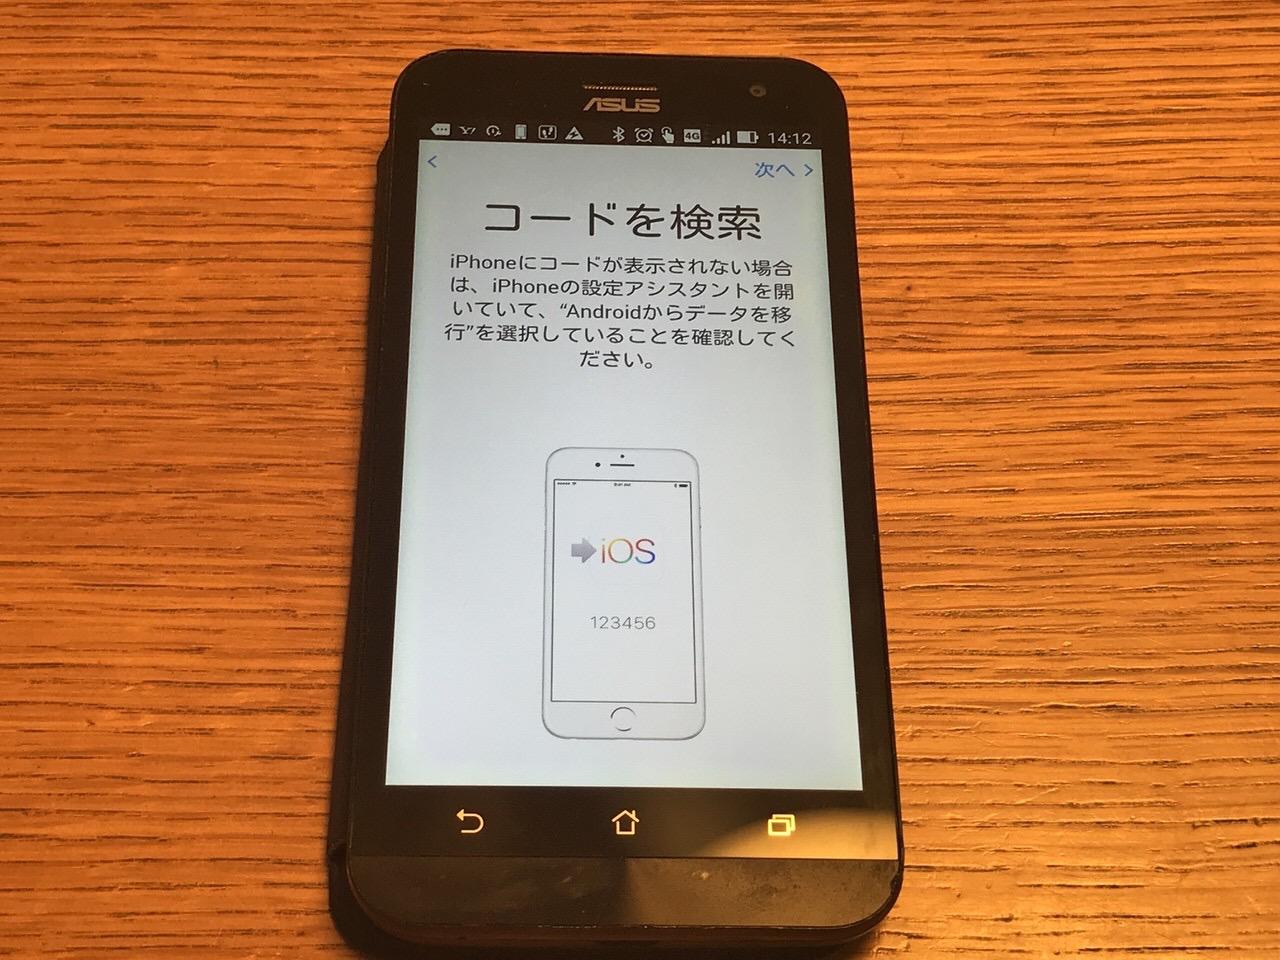 AndroidからiPhoneに機種変更してみた話 2